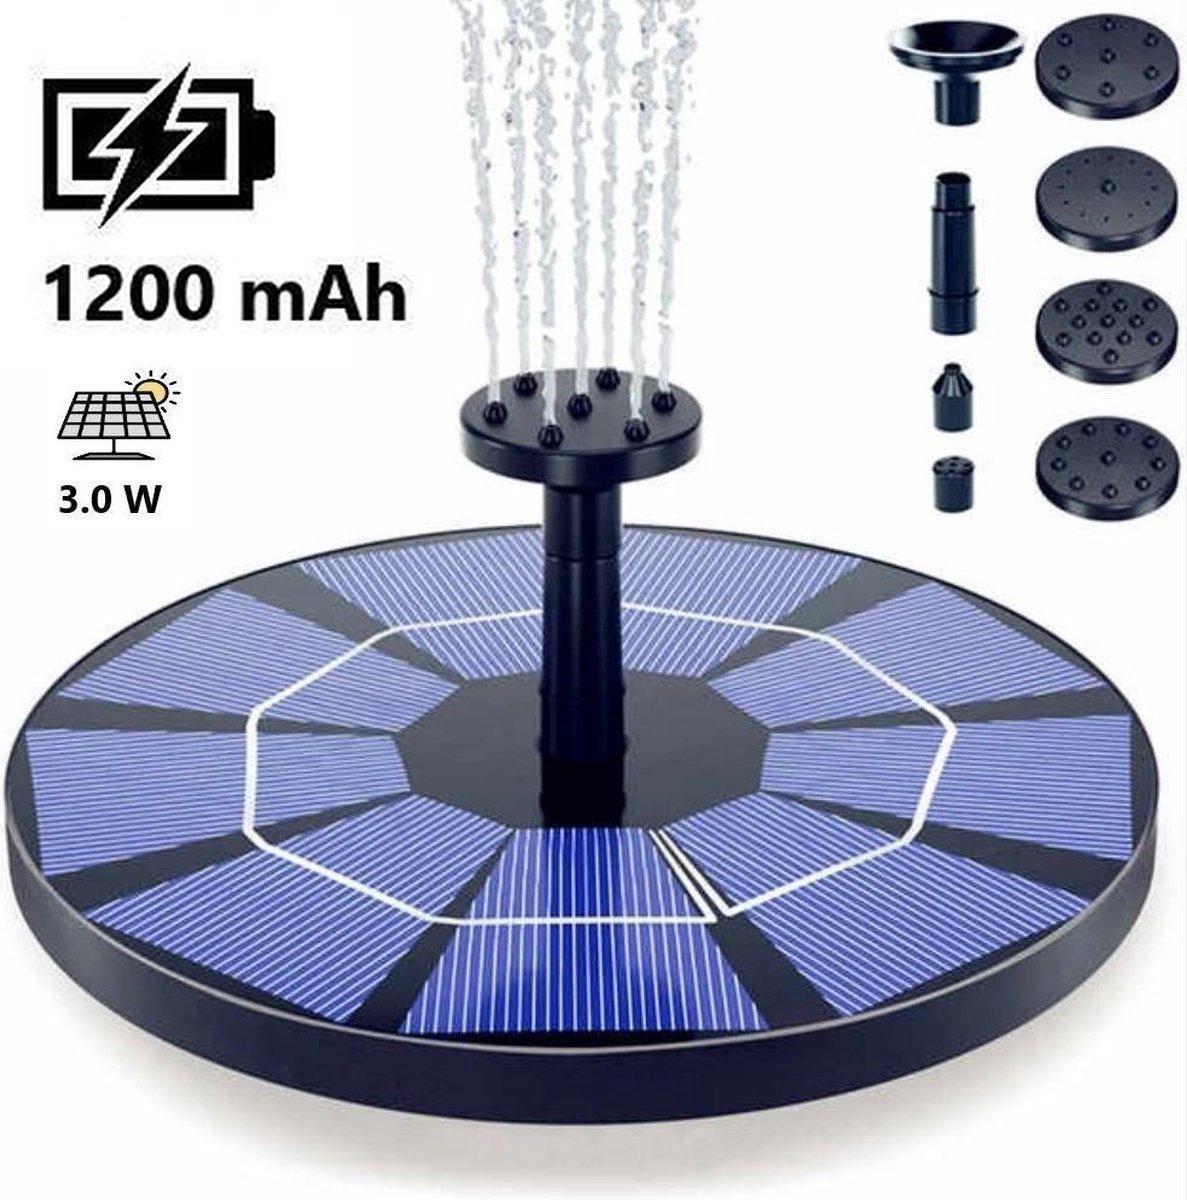 Solar Fontein op Zonne Energie - Upgrade met Accu - 6 Opzetstukken en Sproeicombinaties - 1200mAh Batterij Backup - 3.0 W - ⌀180mm